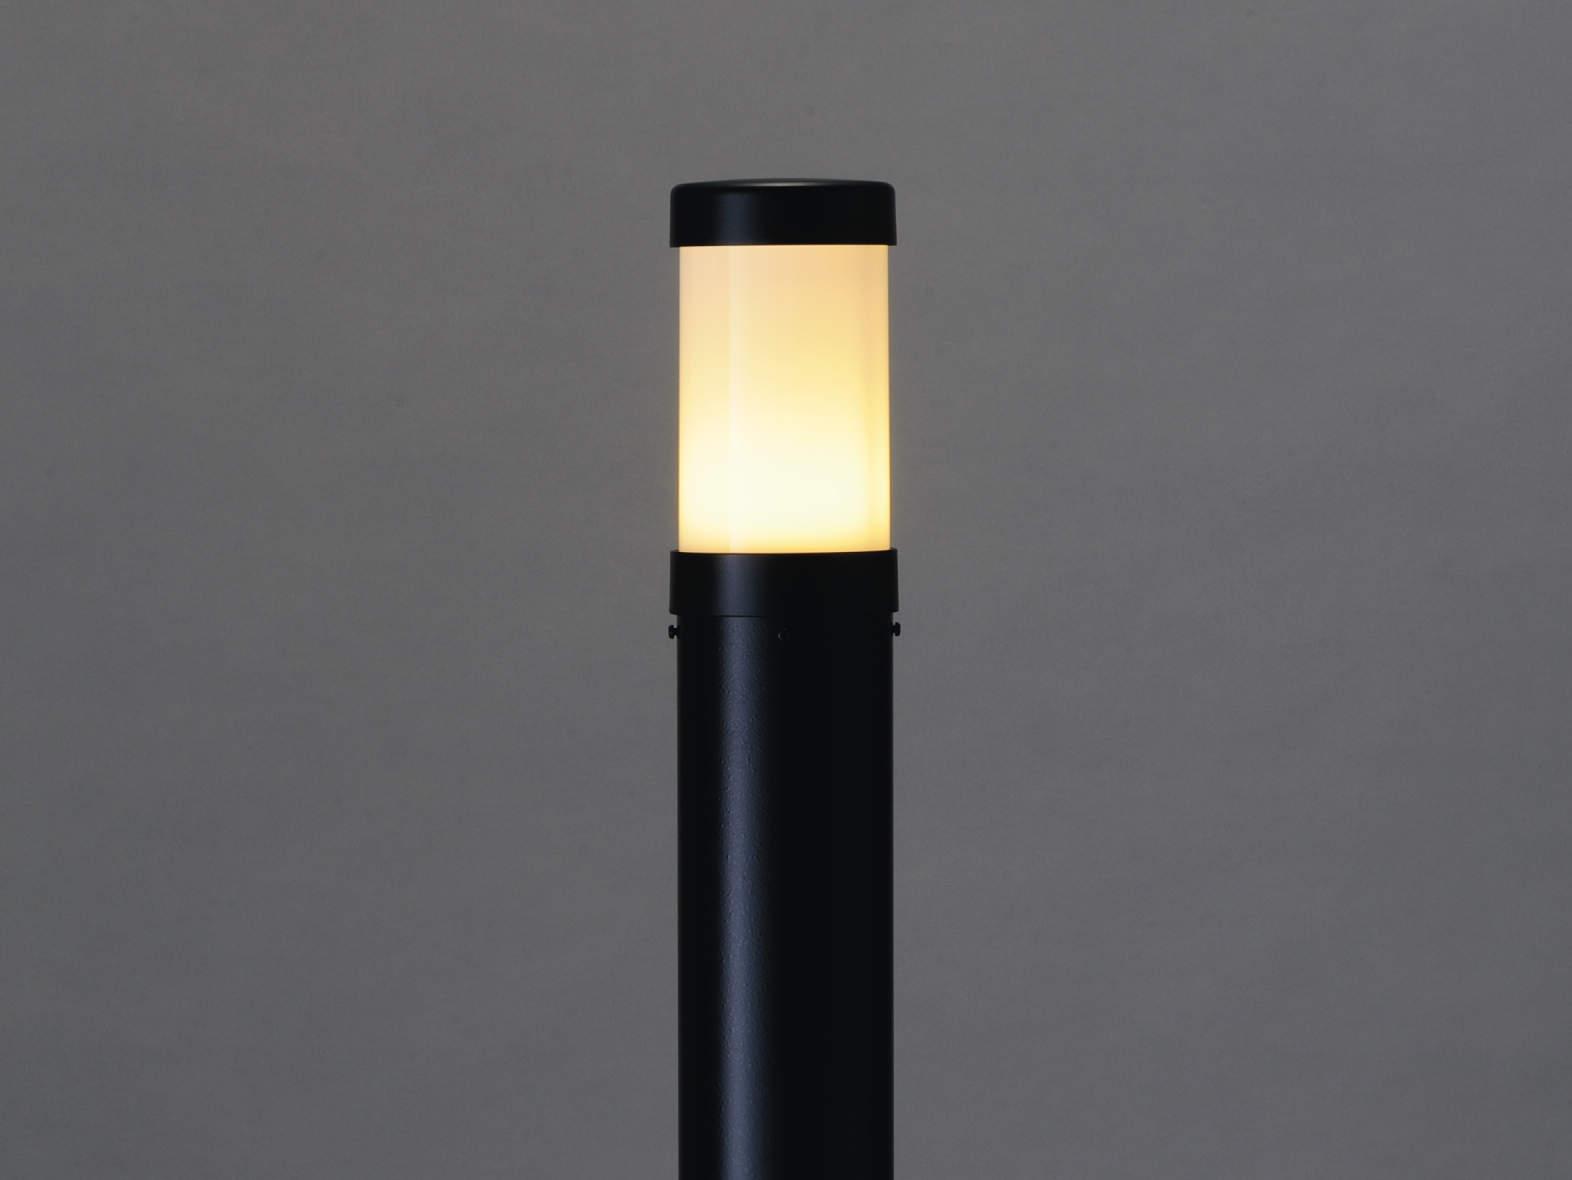 エクステリア 屋外 照明 ライト【三協アルミ】 照明器具 ガーデンライト【 GD10型 ブラック 】